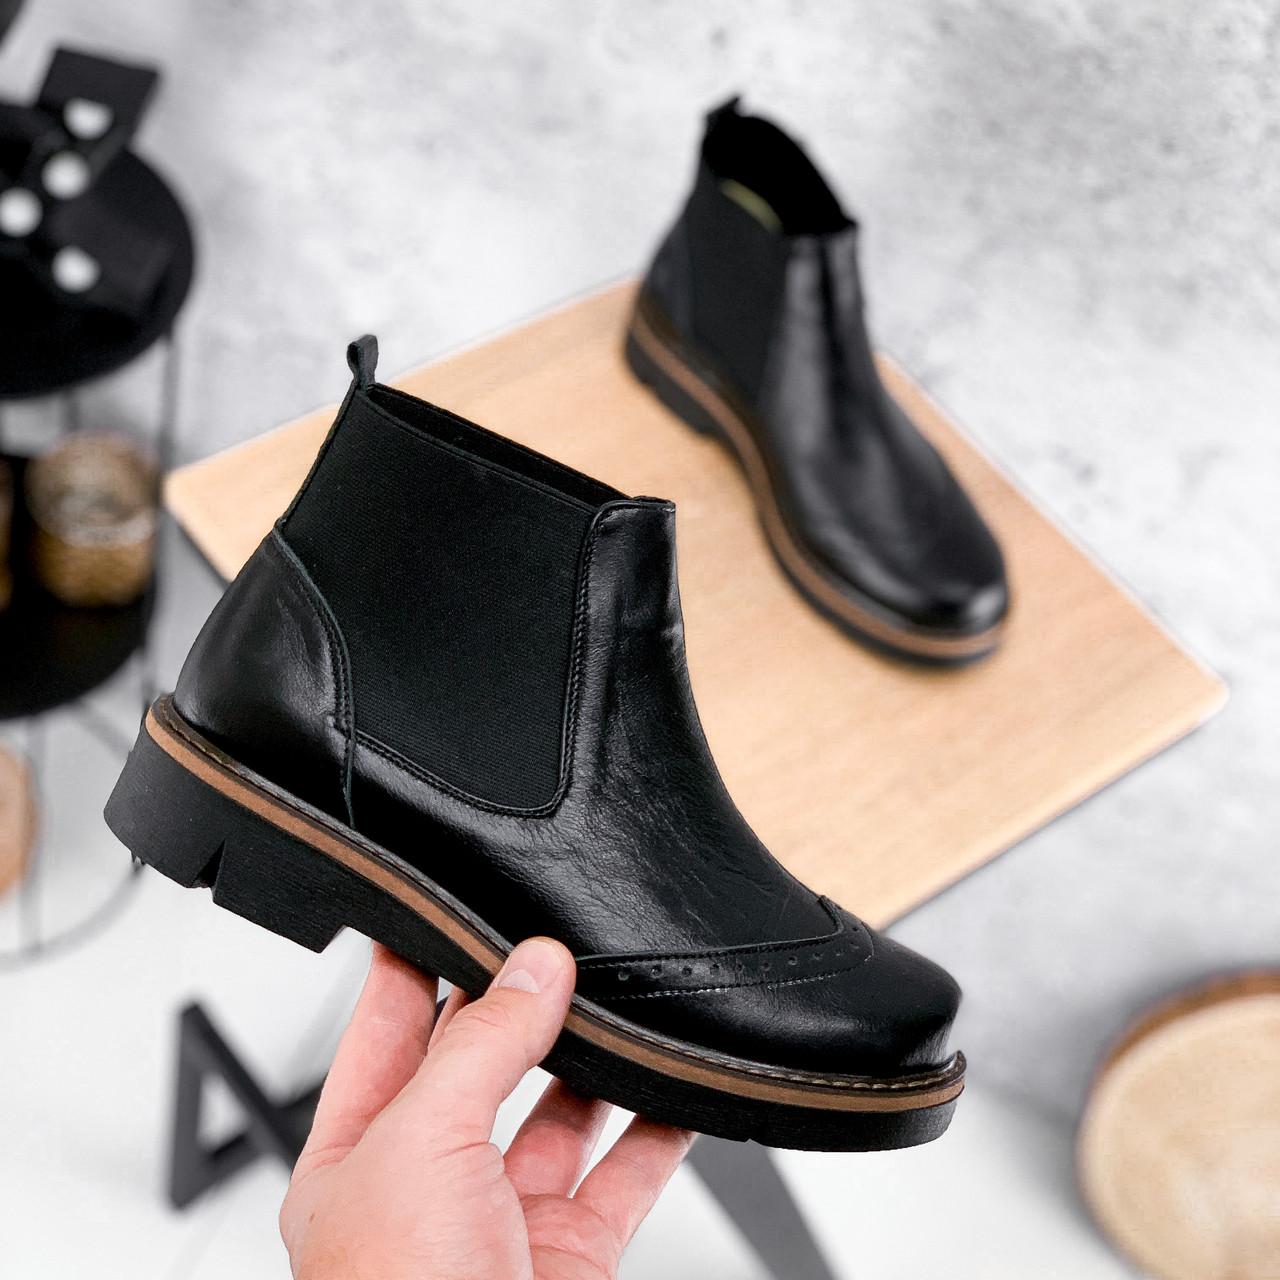 Ботинки женские Malory черные ЗИМА 2384